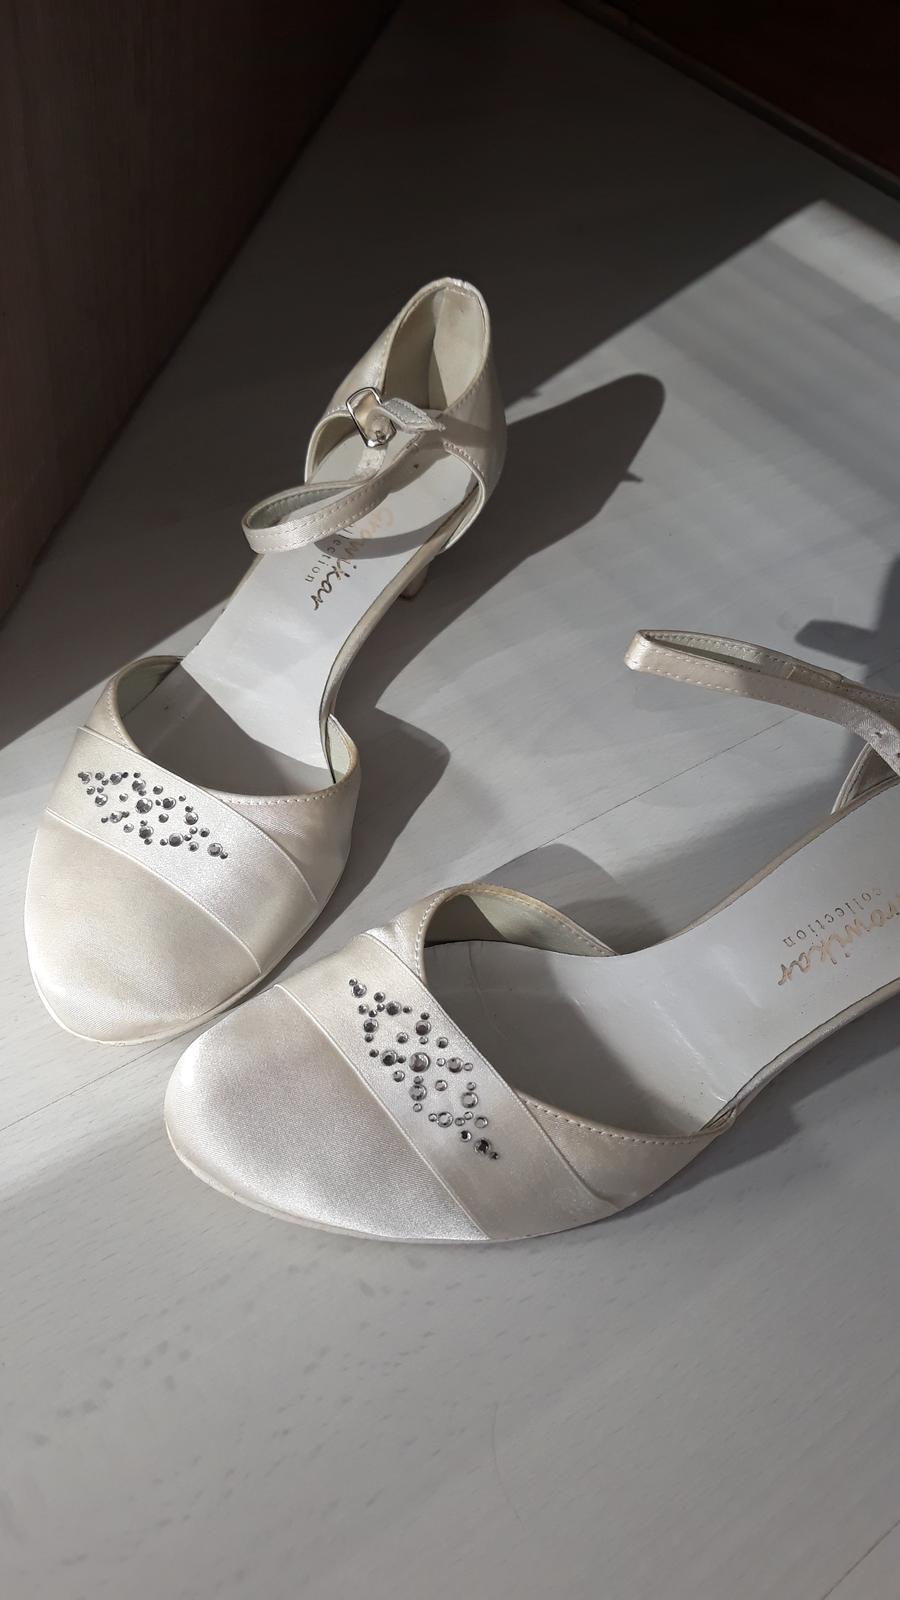 Svadobné topánky growikar - Obrázok č. 4